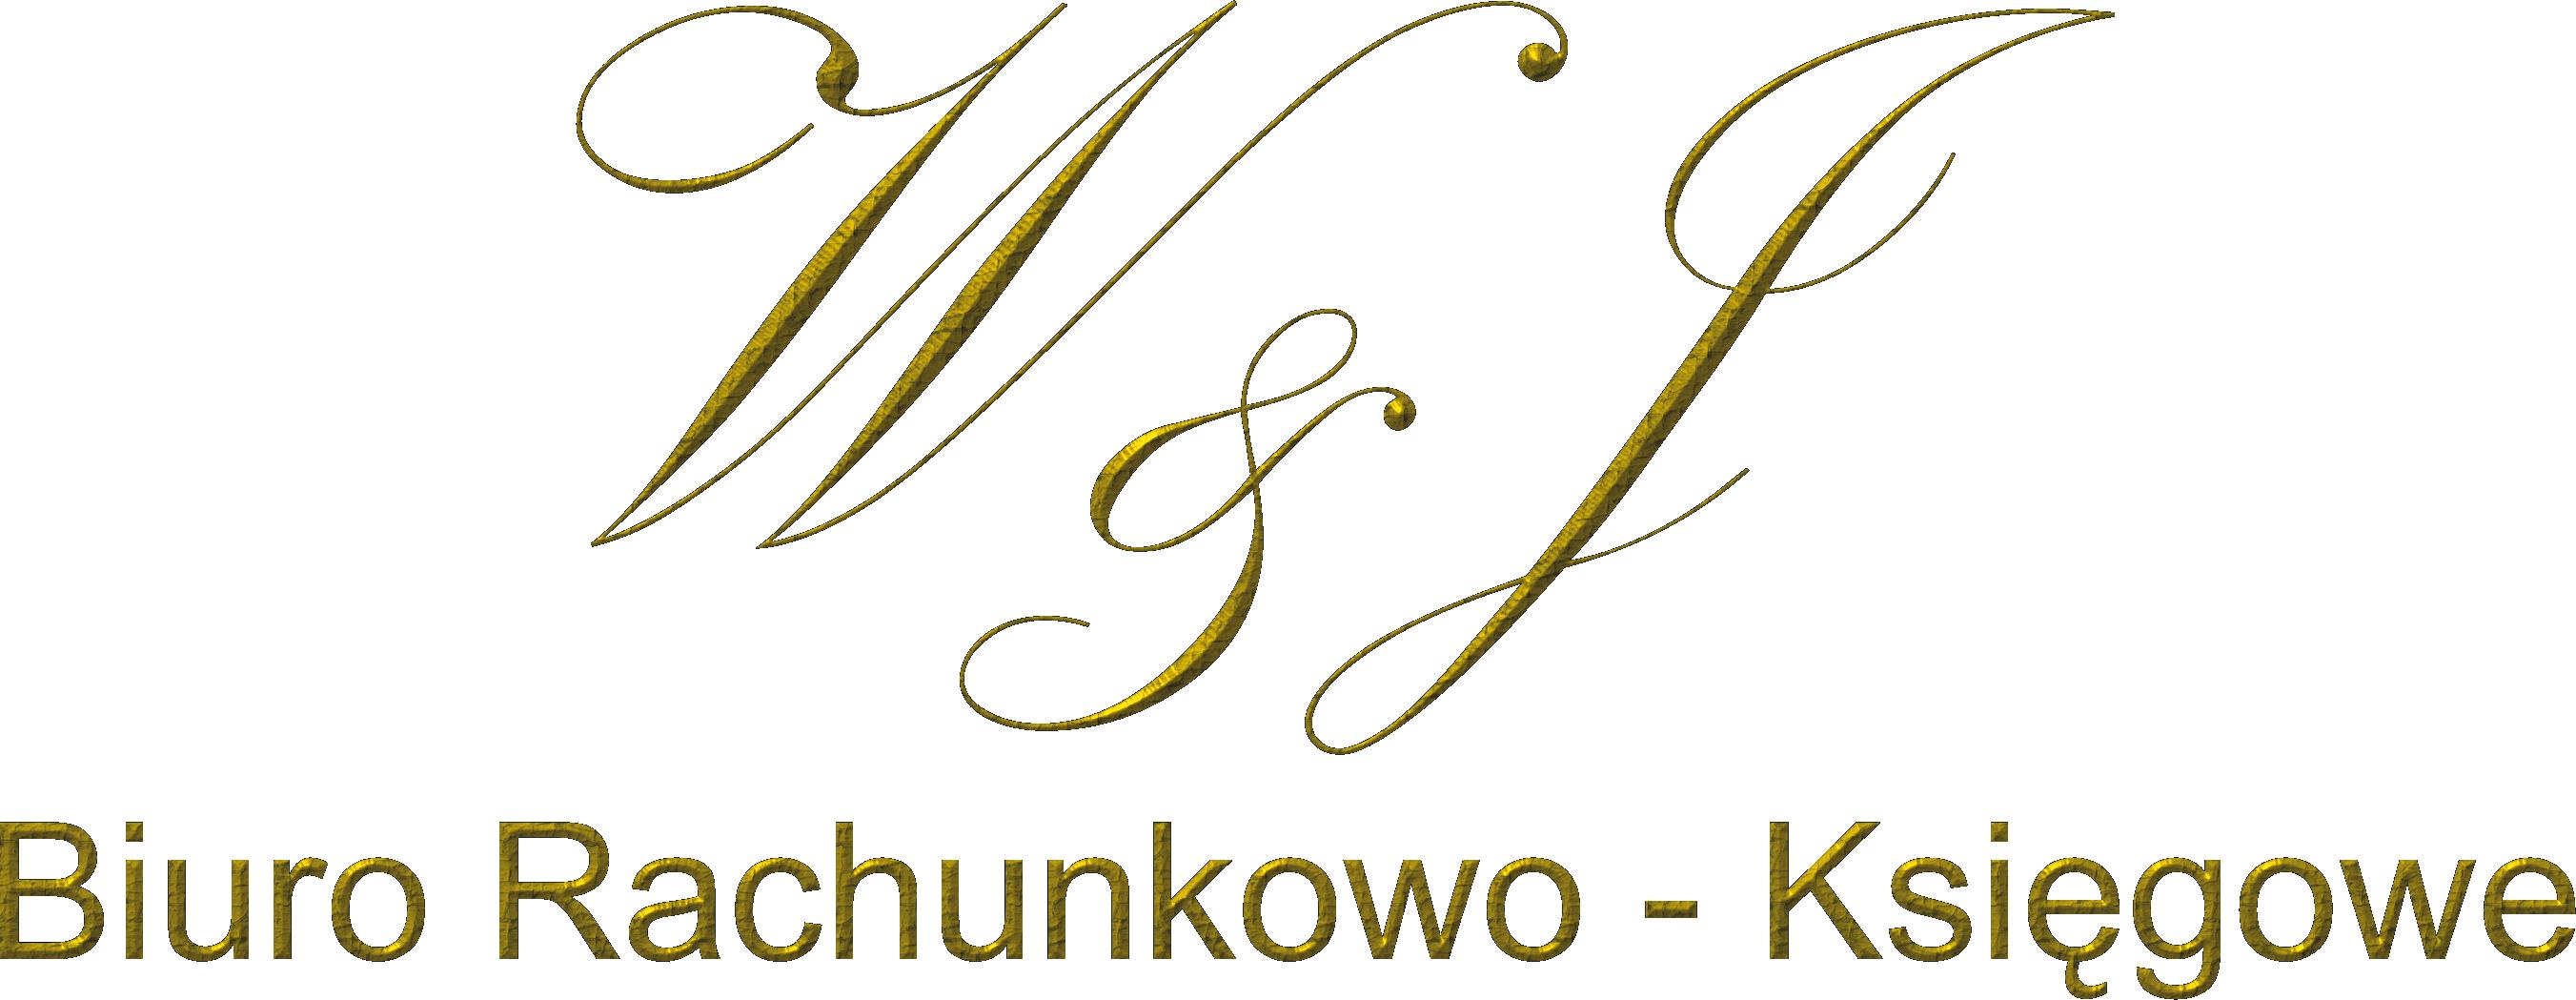 W&J Biuro Rachunkowo - Księgowe